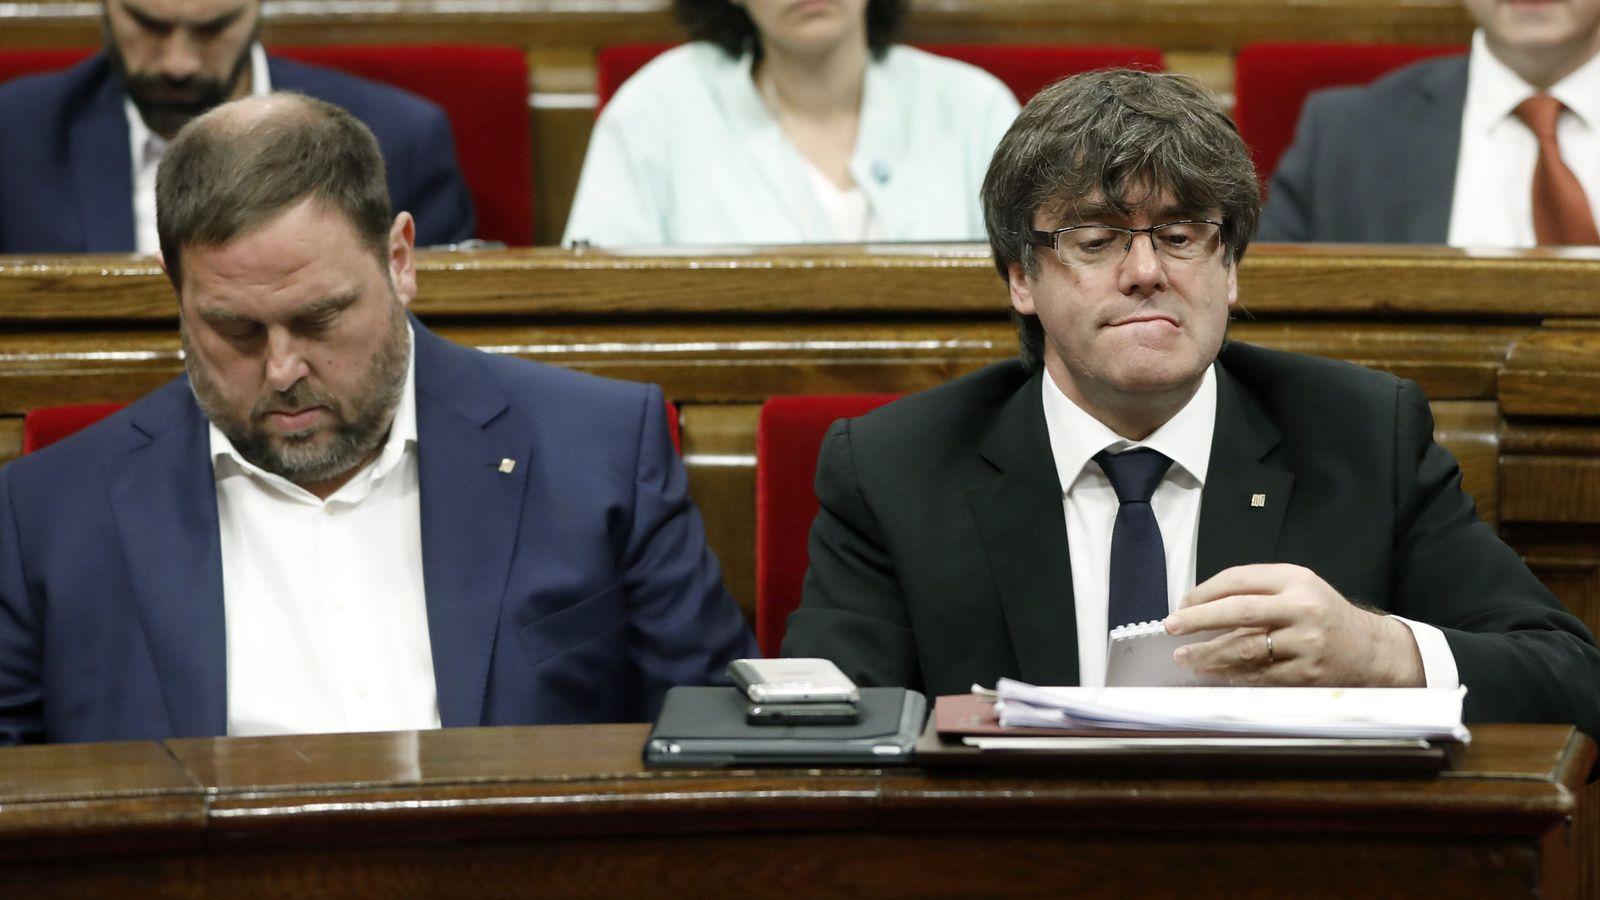 Foto: El presidente de la Generalitat, Carles Puigdemont (d) y el vicepresidente del Govern y conseller de Economía, Oriol Junqueras (i). (EFE)